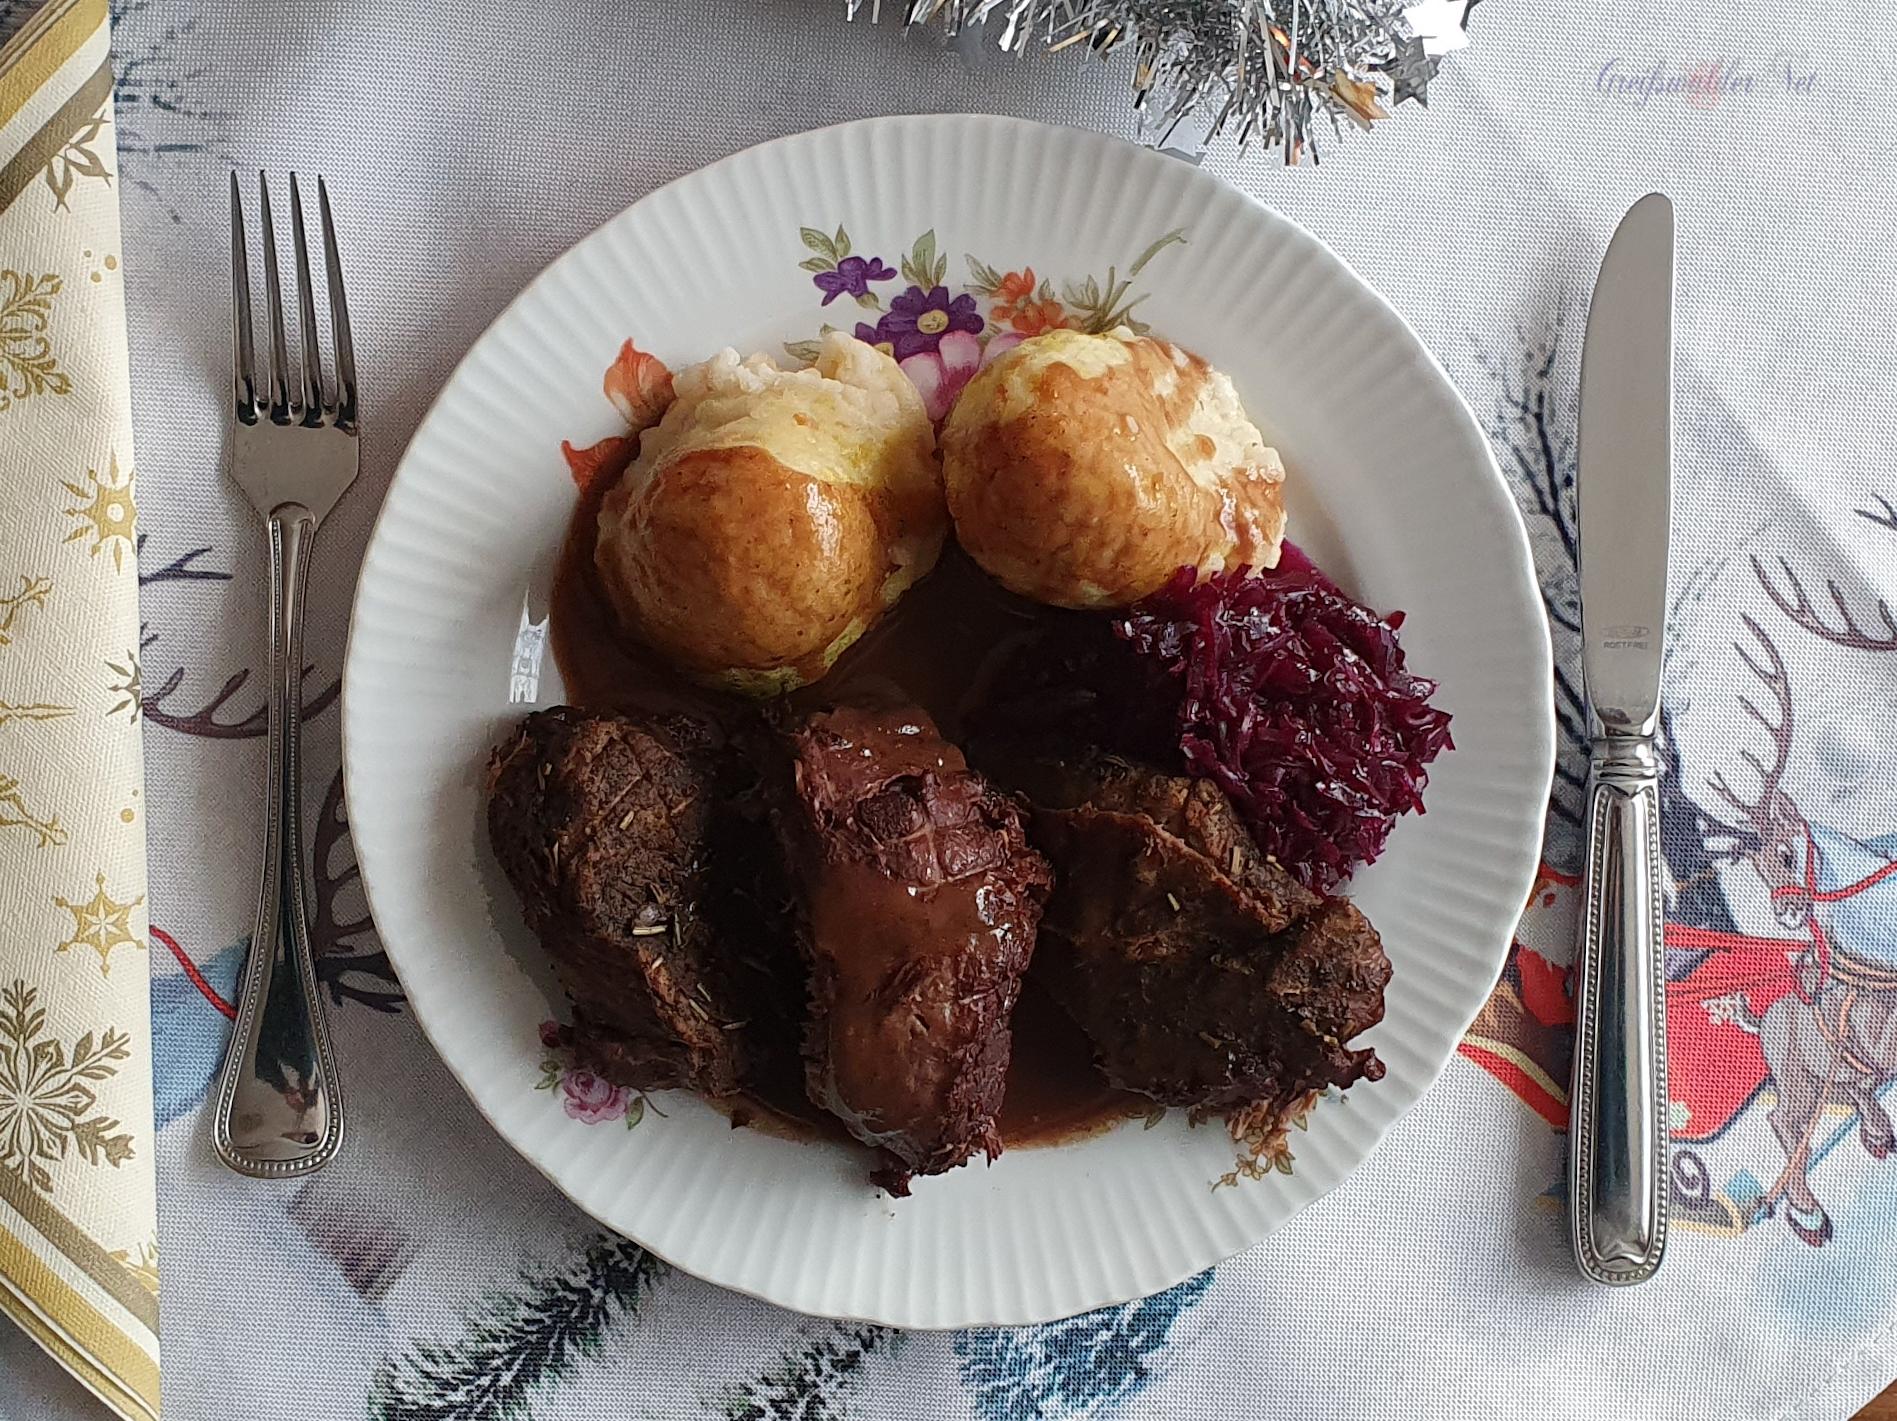 Festtagsessen am 1. Weihnachtsfeiertag, Hirschbraten in Rotweinsauce, Semmelknödel und Rotkohl